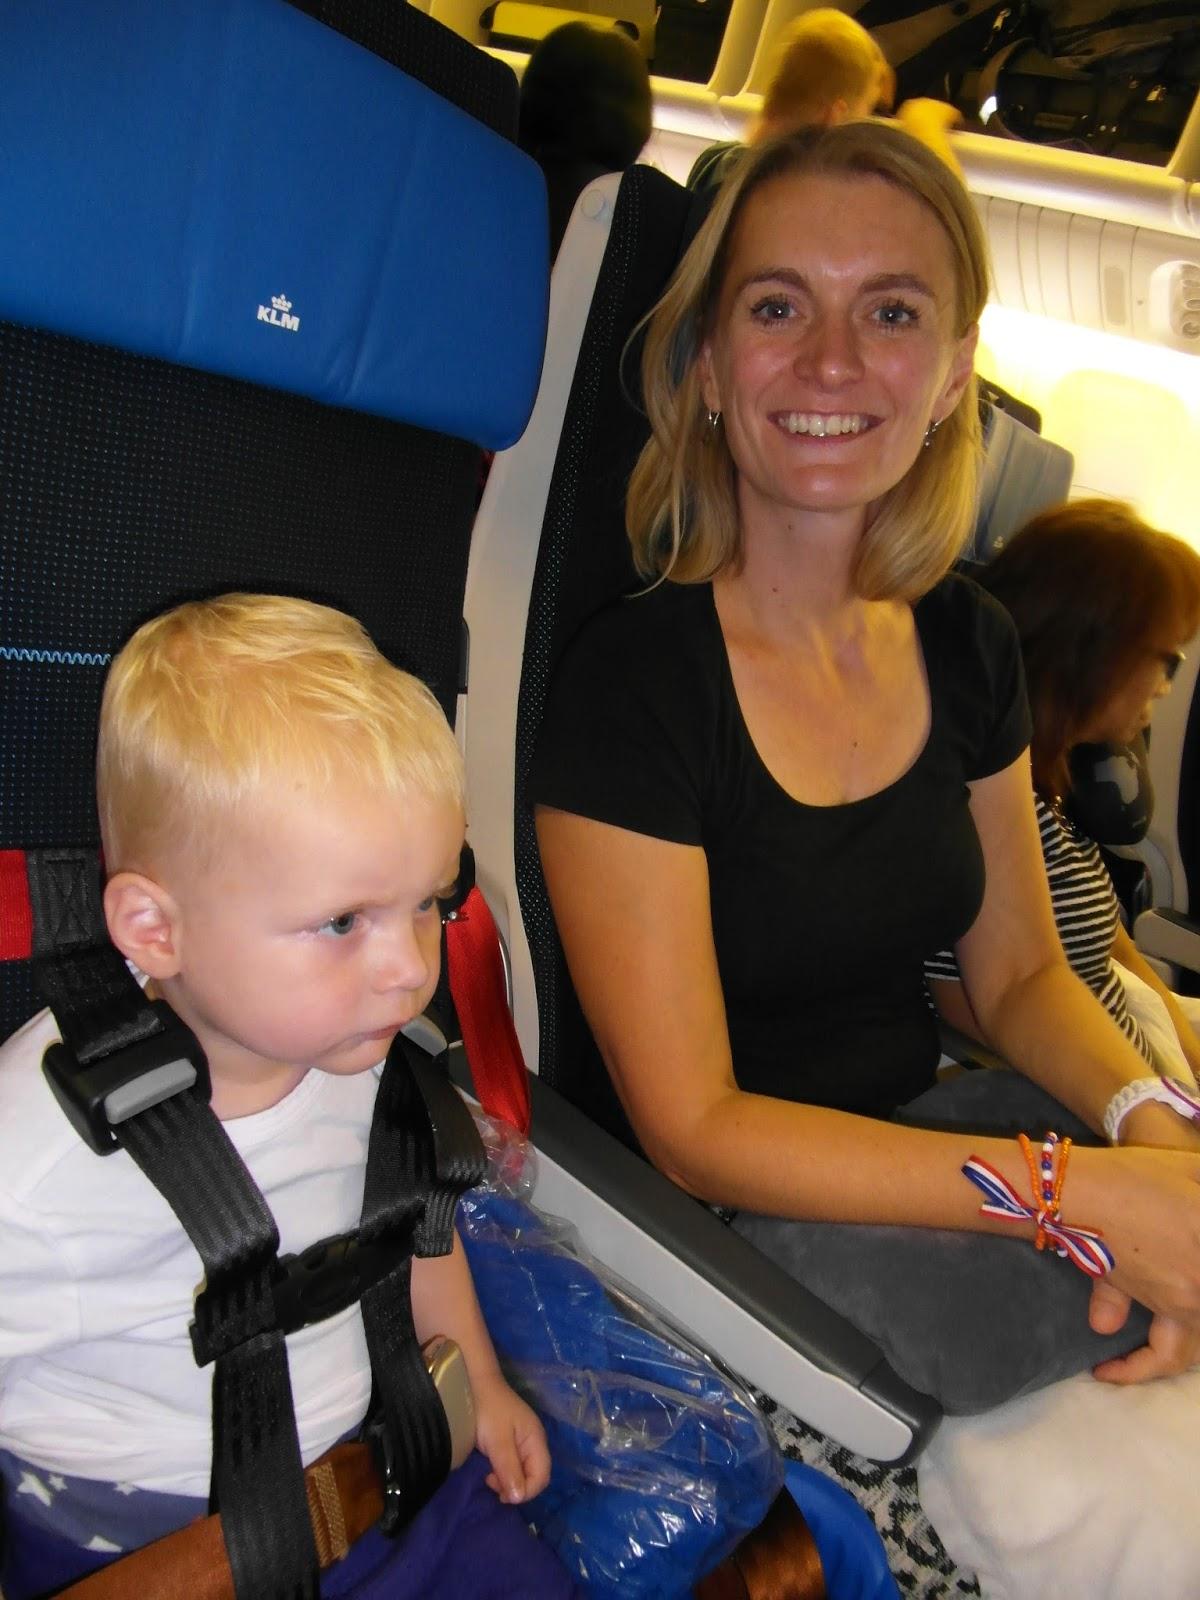 vliegtuig gordel kind